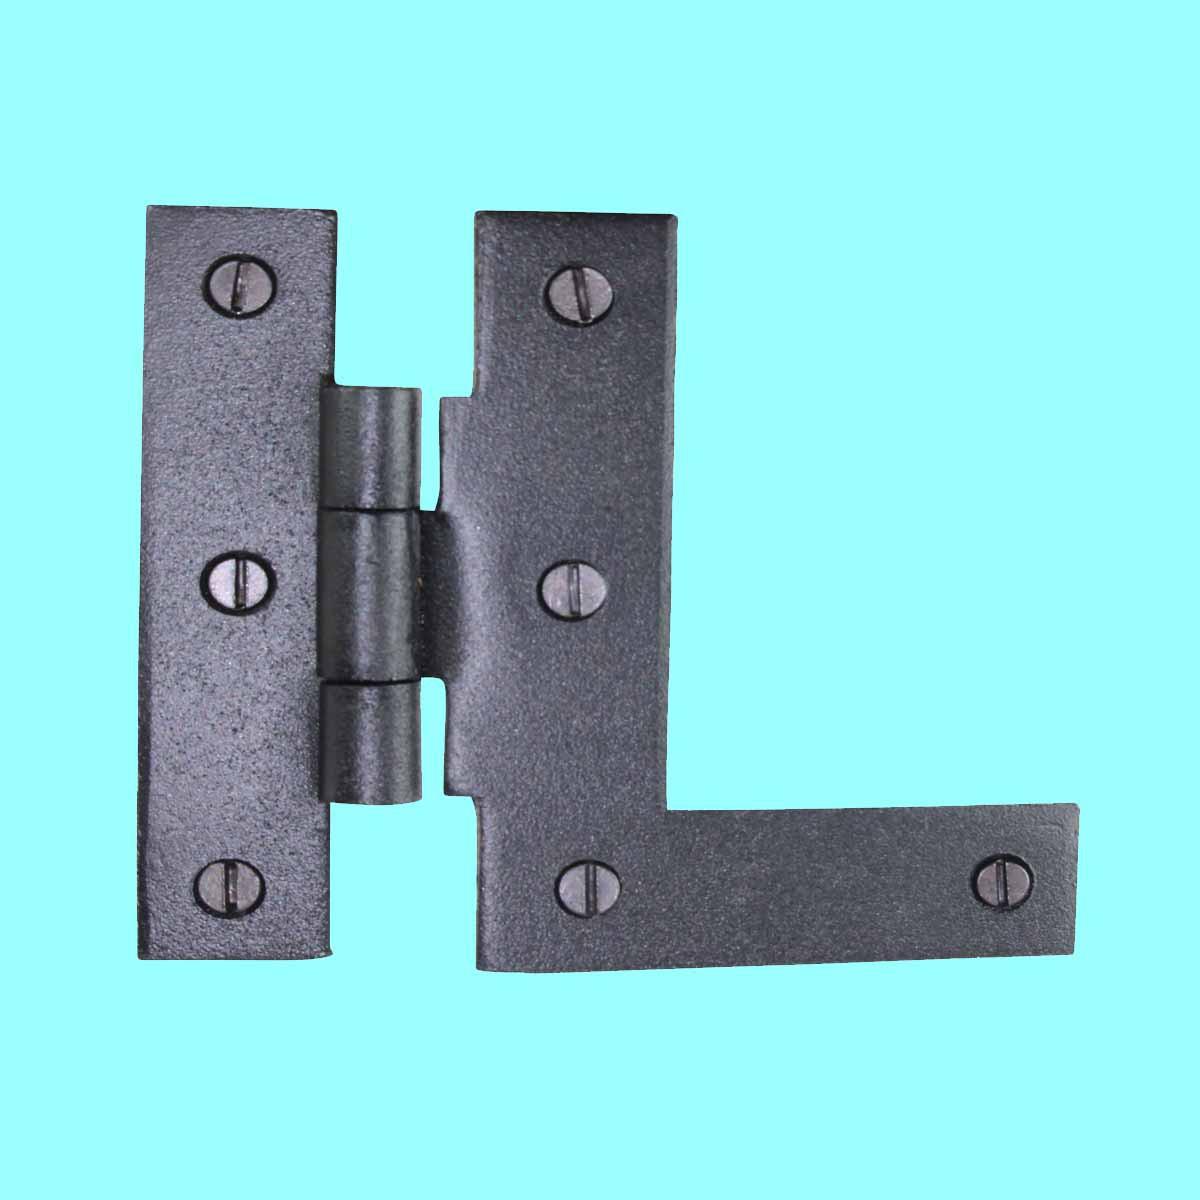 Hl cabinet hinges pewter 4 hl cabinet hinges black 4 for Black hinges for kitchen cabinets